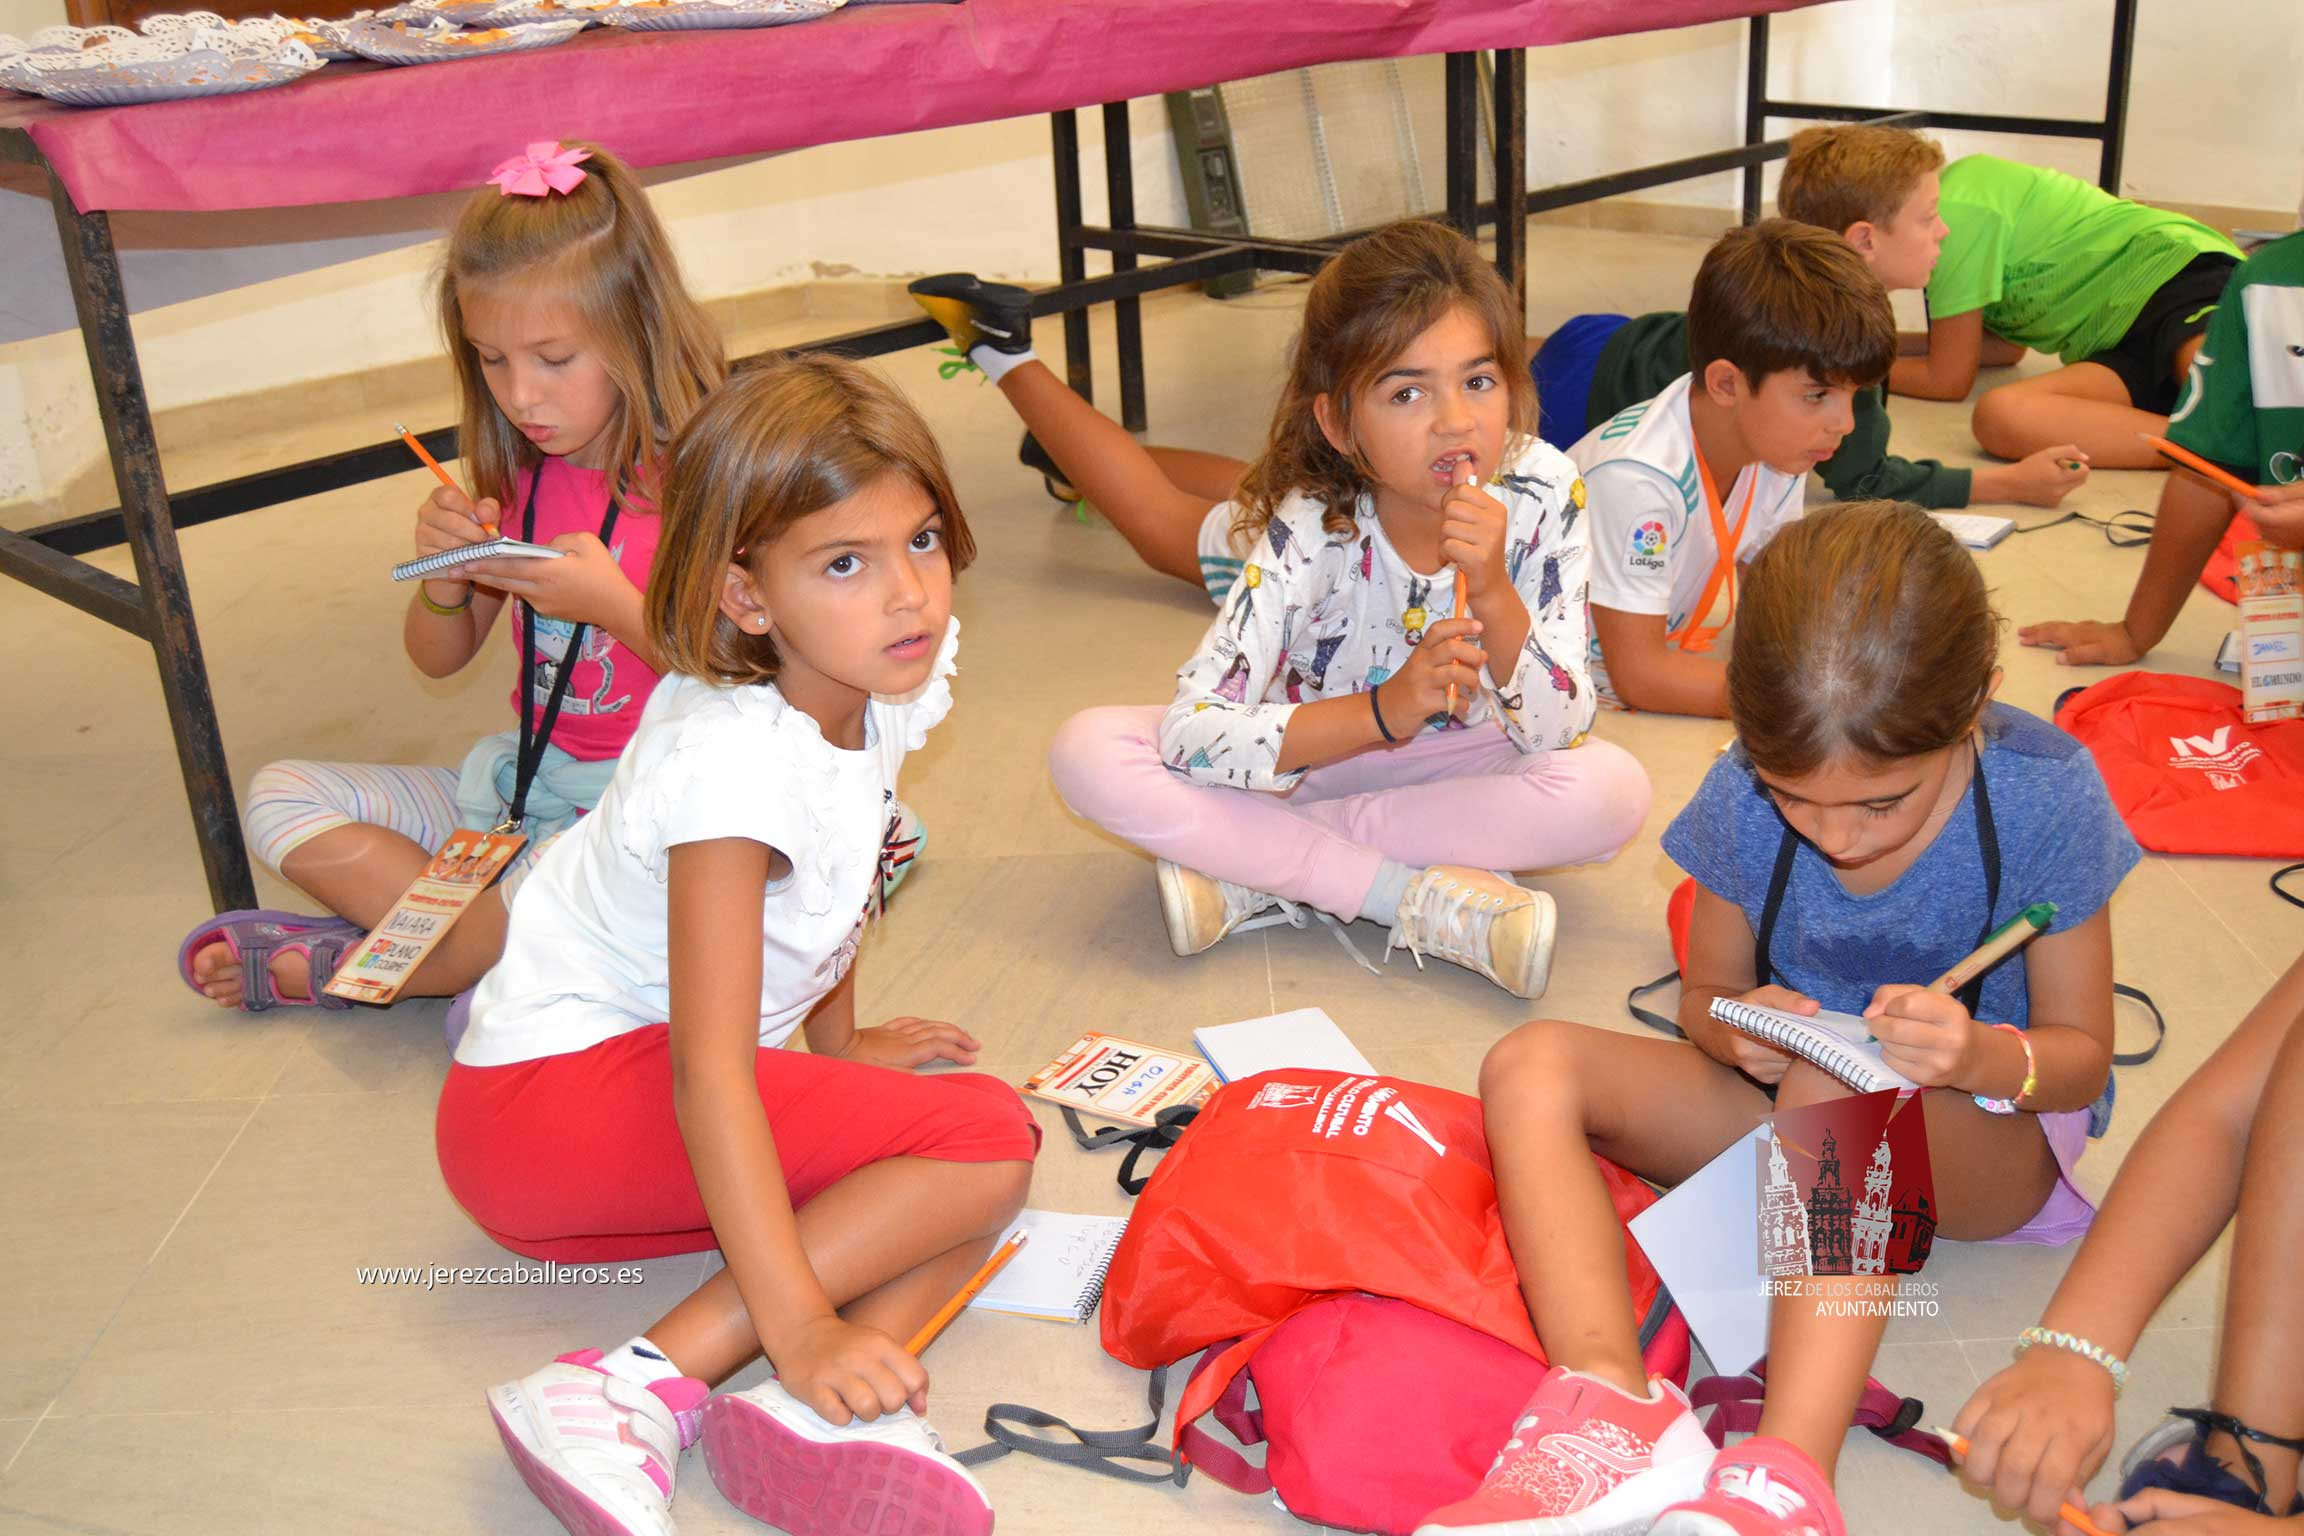 Los más pequeños conocen la riqueza gastronómica de Jerez de los Caballeros, una ciudad con vocación turística